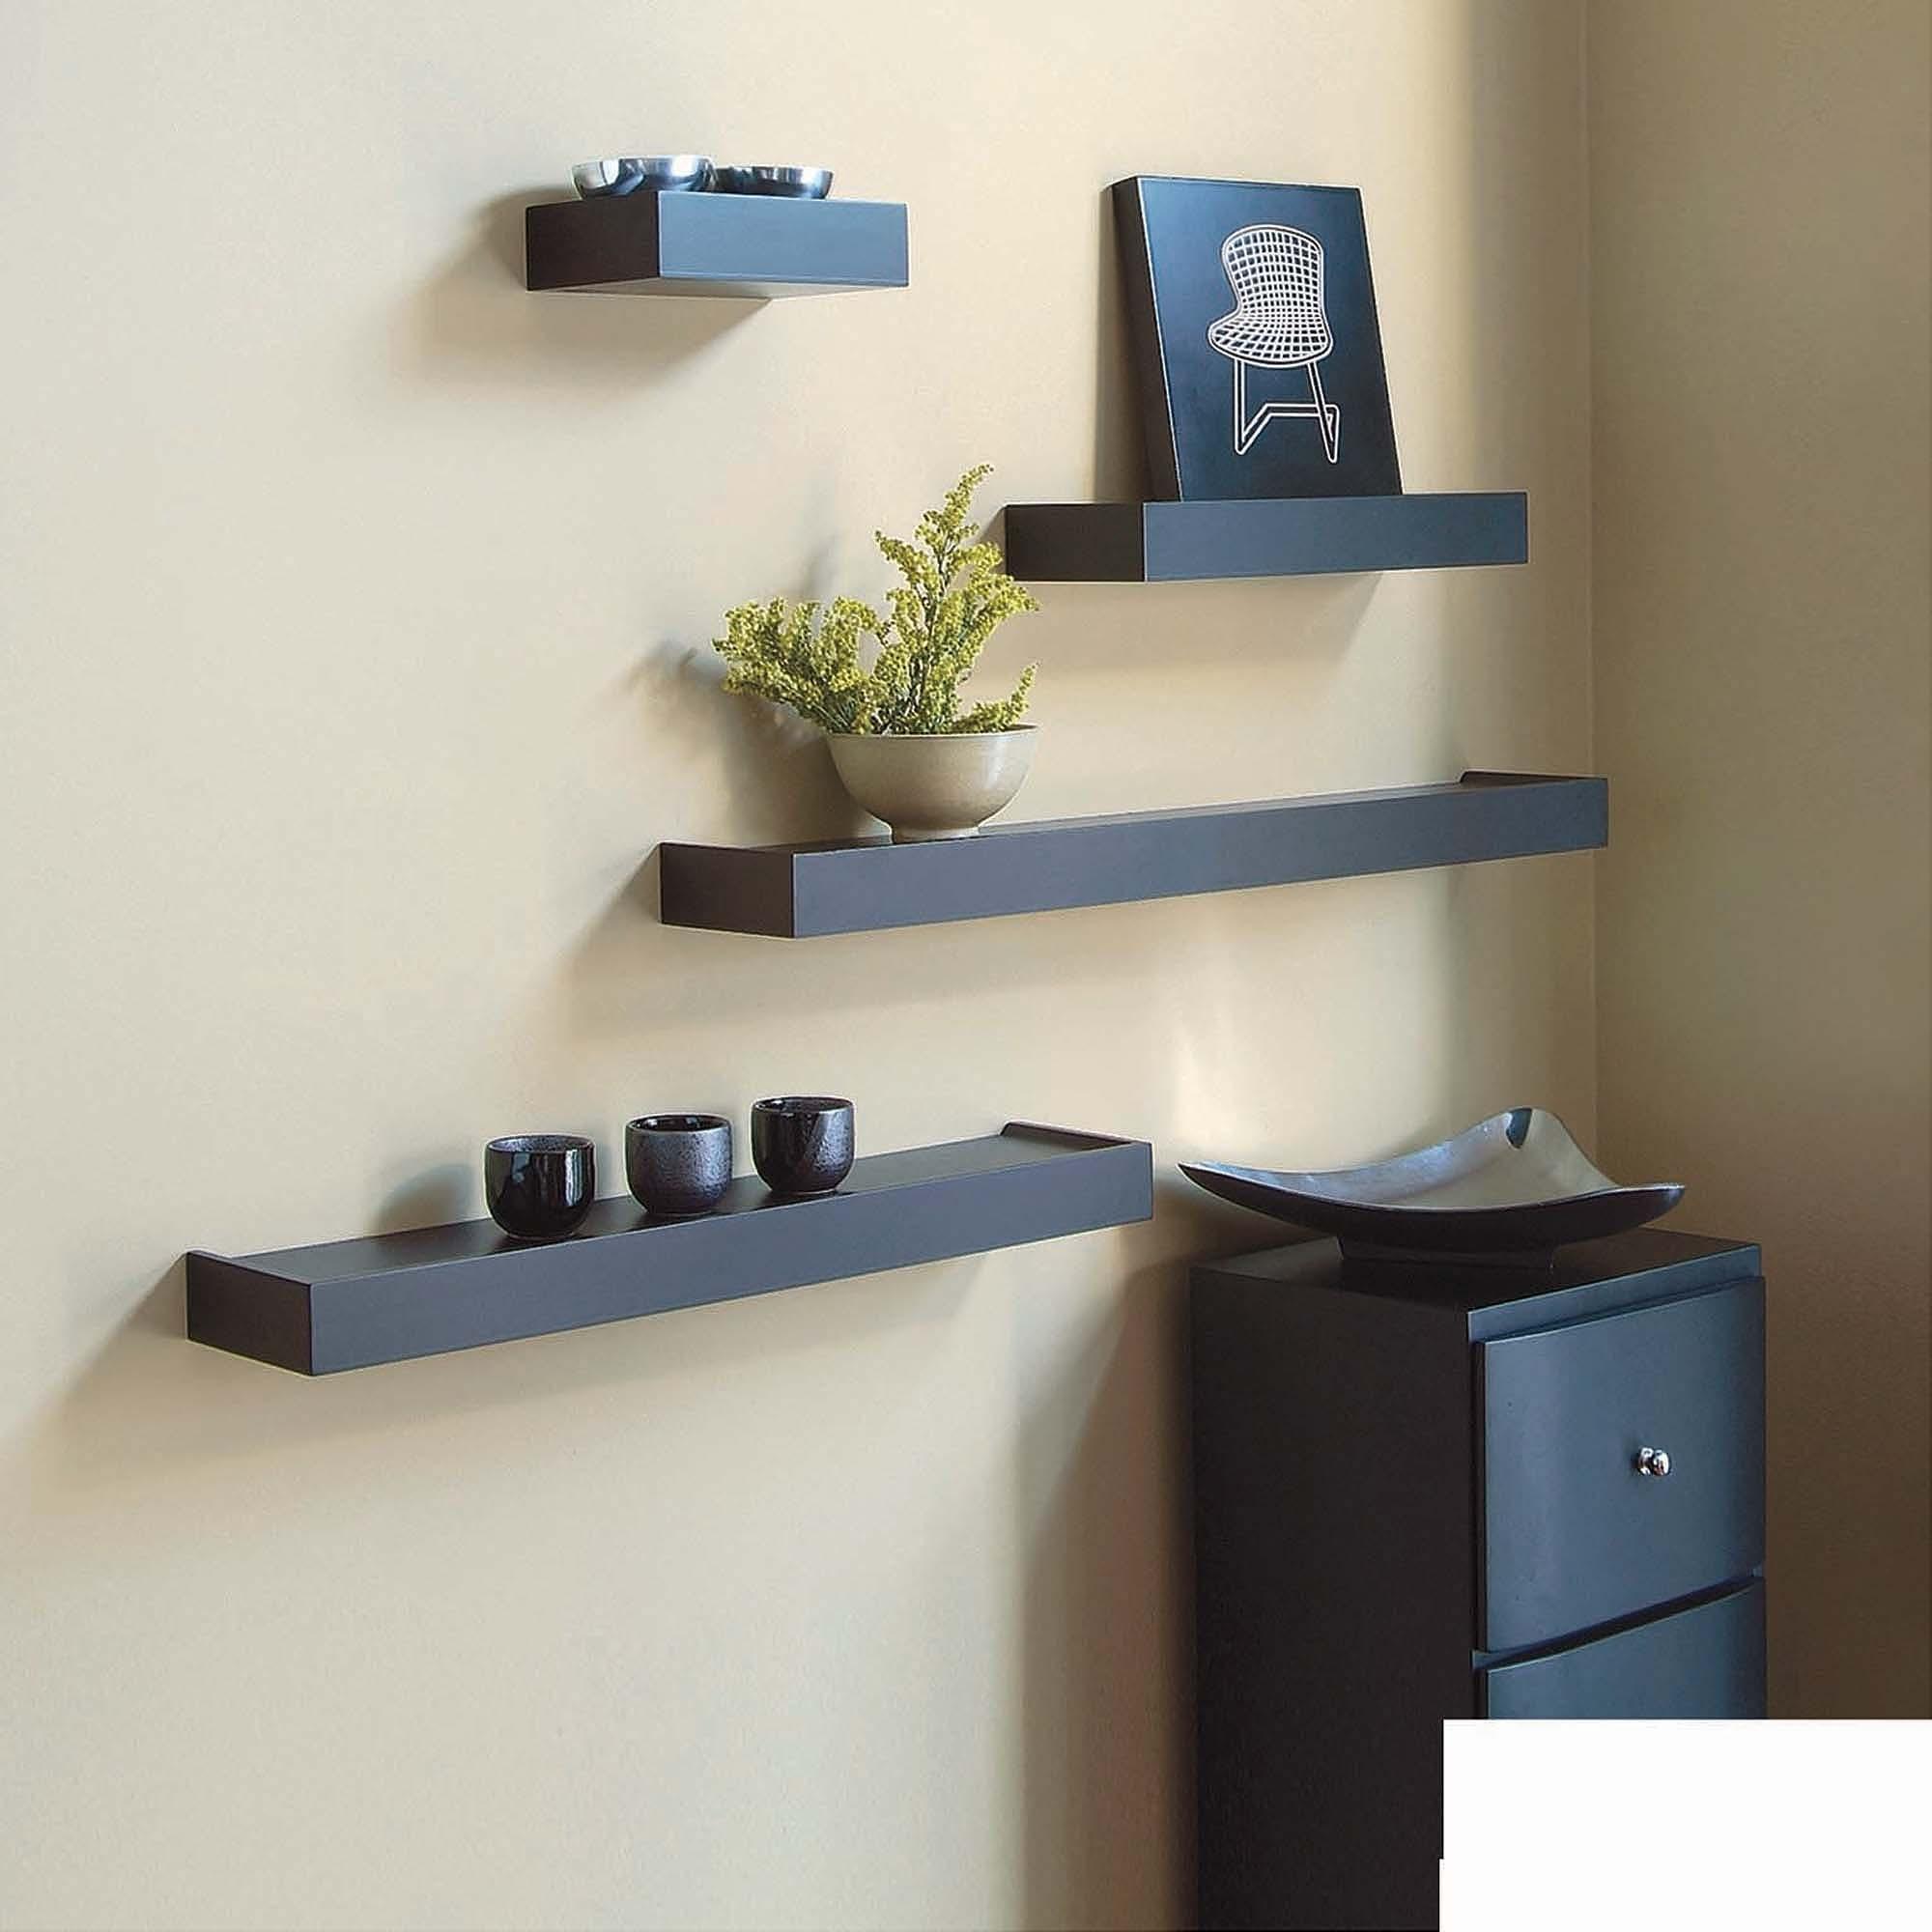 Floating wall shelves Kiera Grace Vertigo set of 4 espresso wall shelves, 6 XICTMQU